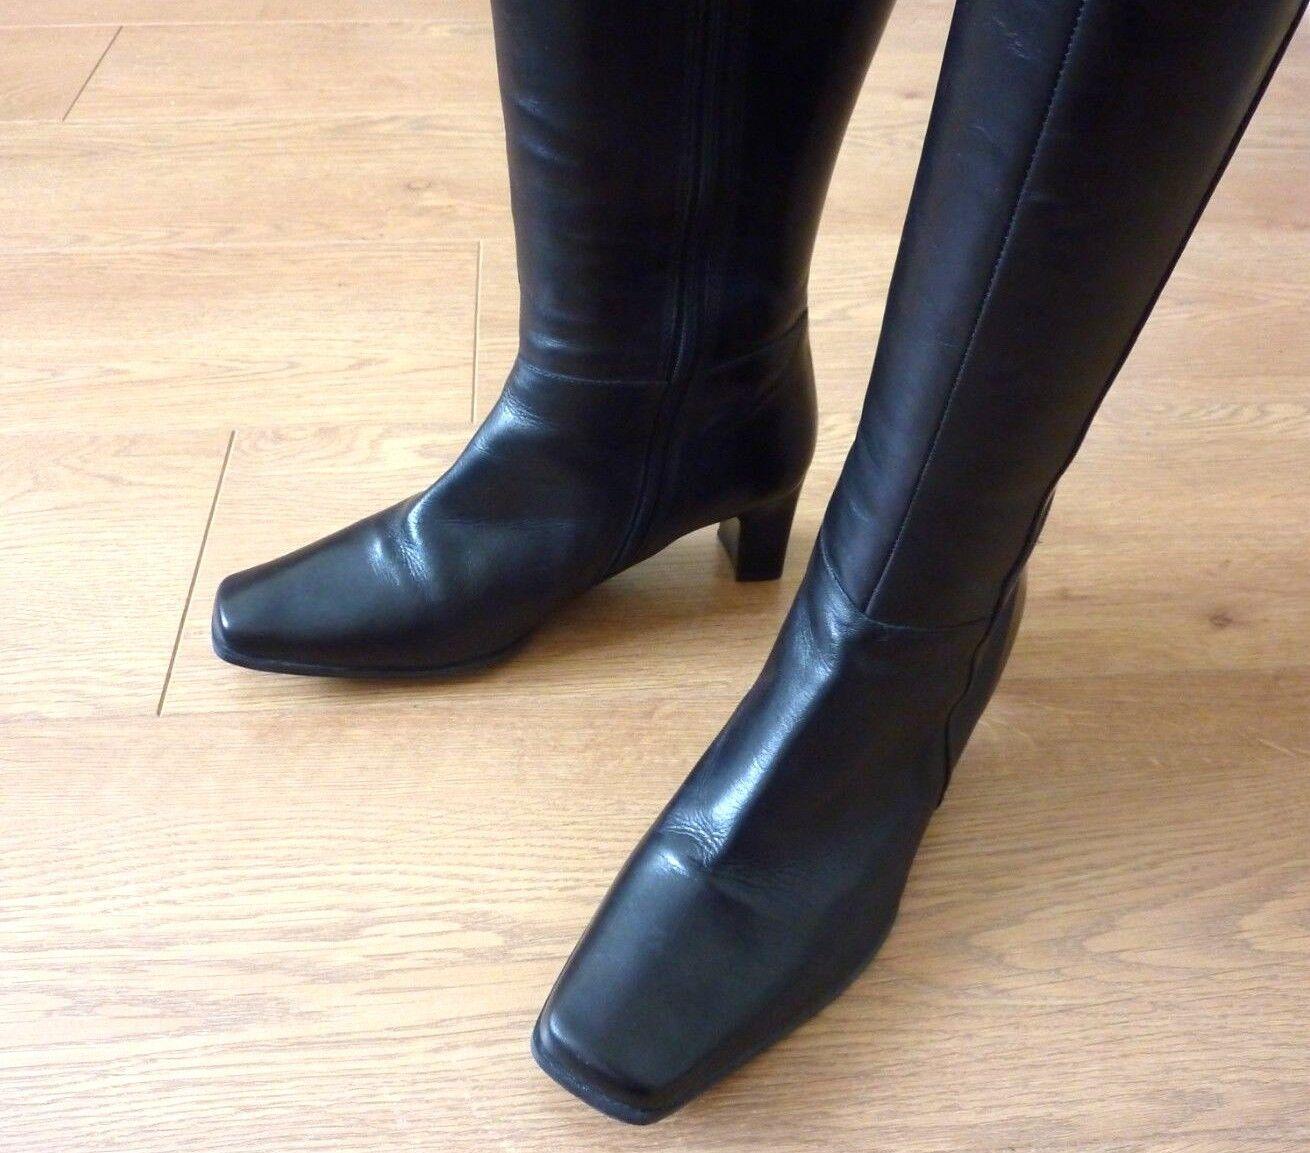 Clarks Lark canción señoras de cuero negro negro negro botas de tacón hasta la rodilla Cremallera Completa UK 5.5 EU 39  moda